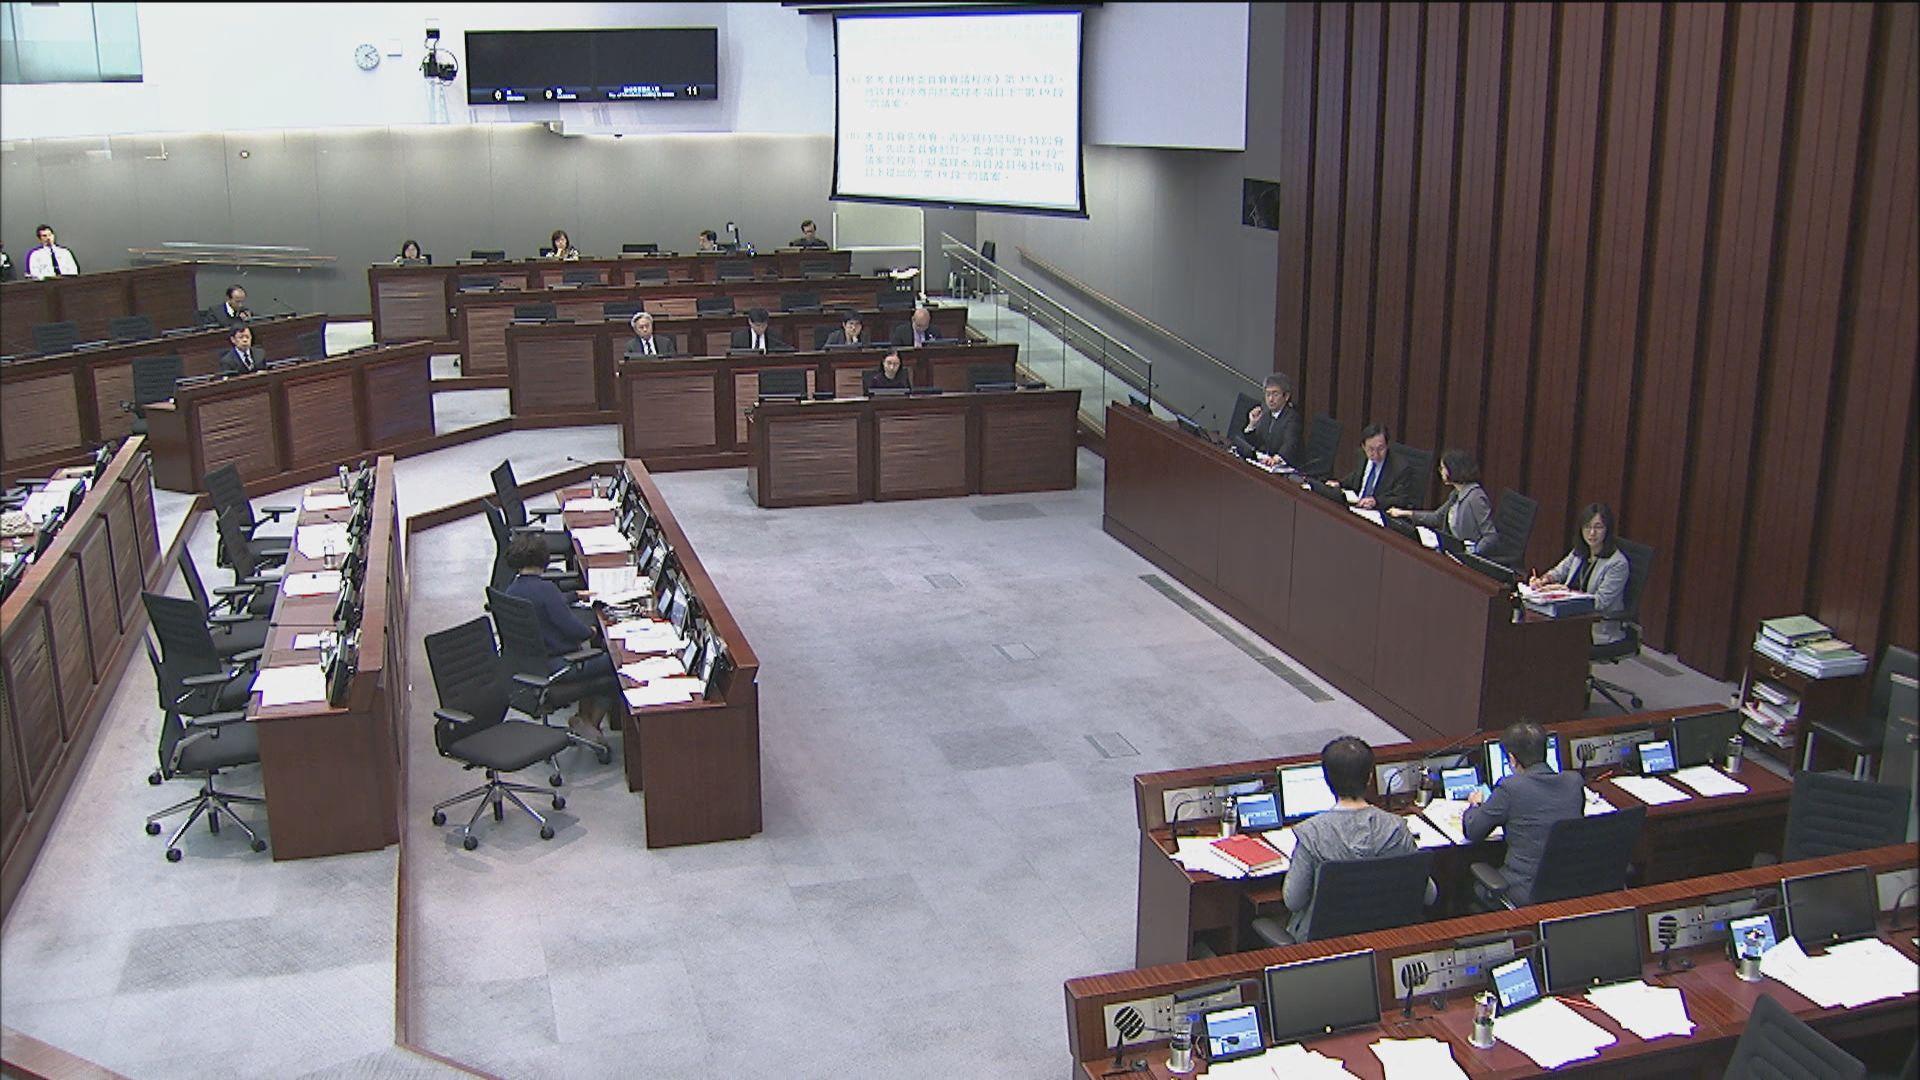 財委會未完成審議公務員加薪撥款申請